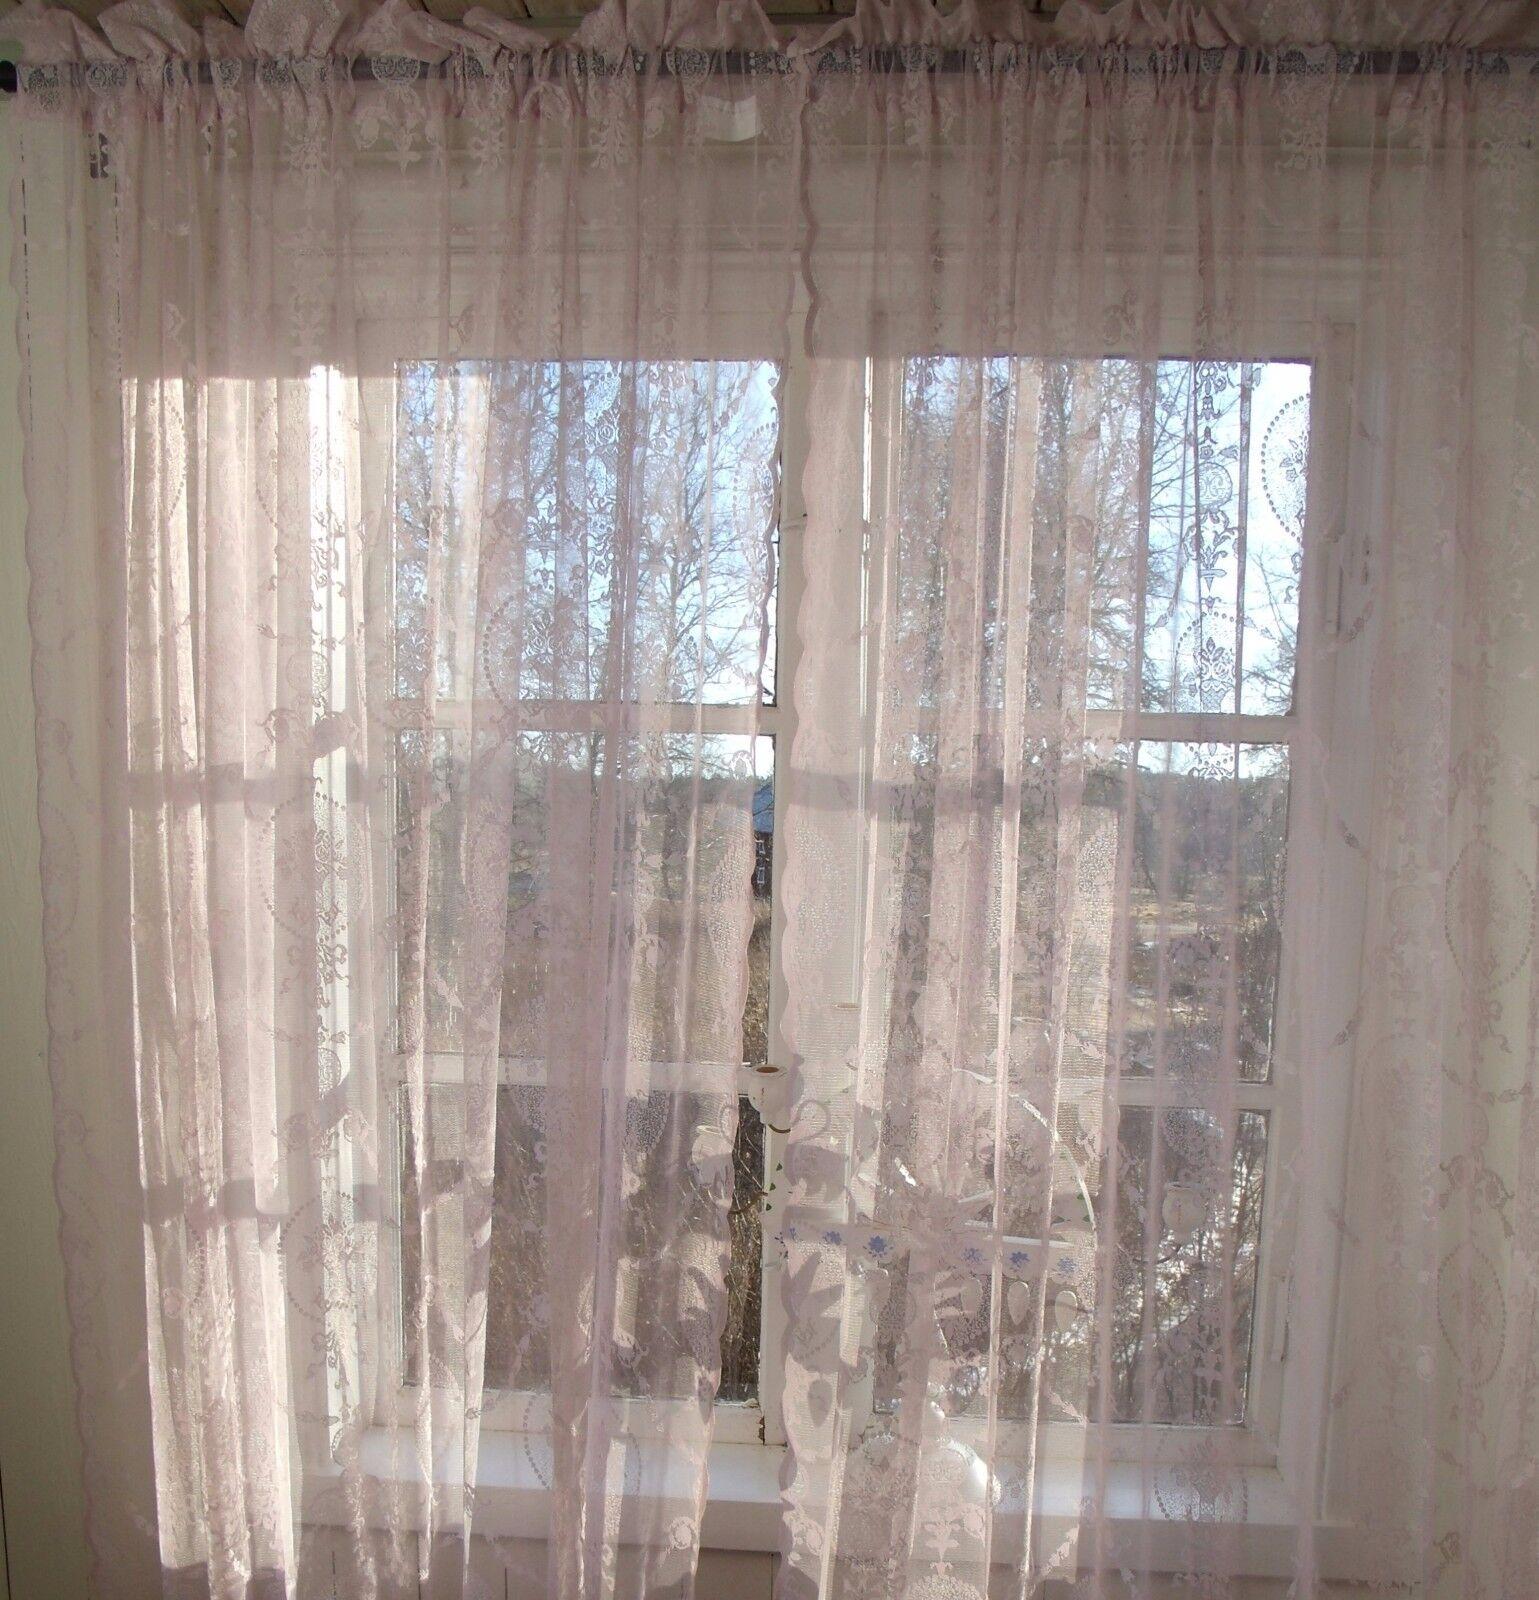 vorhang avery altrosa spitzen gardine 2 x 140x240 lillabelle romantik vintage eur 46 95. Black Bedroom Furniture Sets. Home Design Ideas